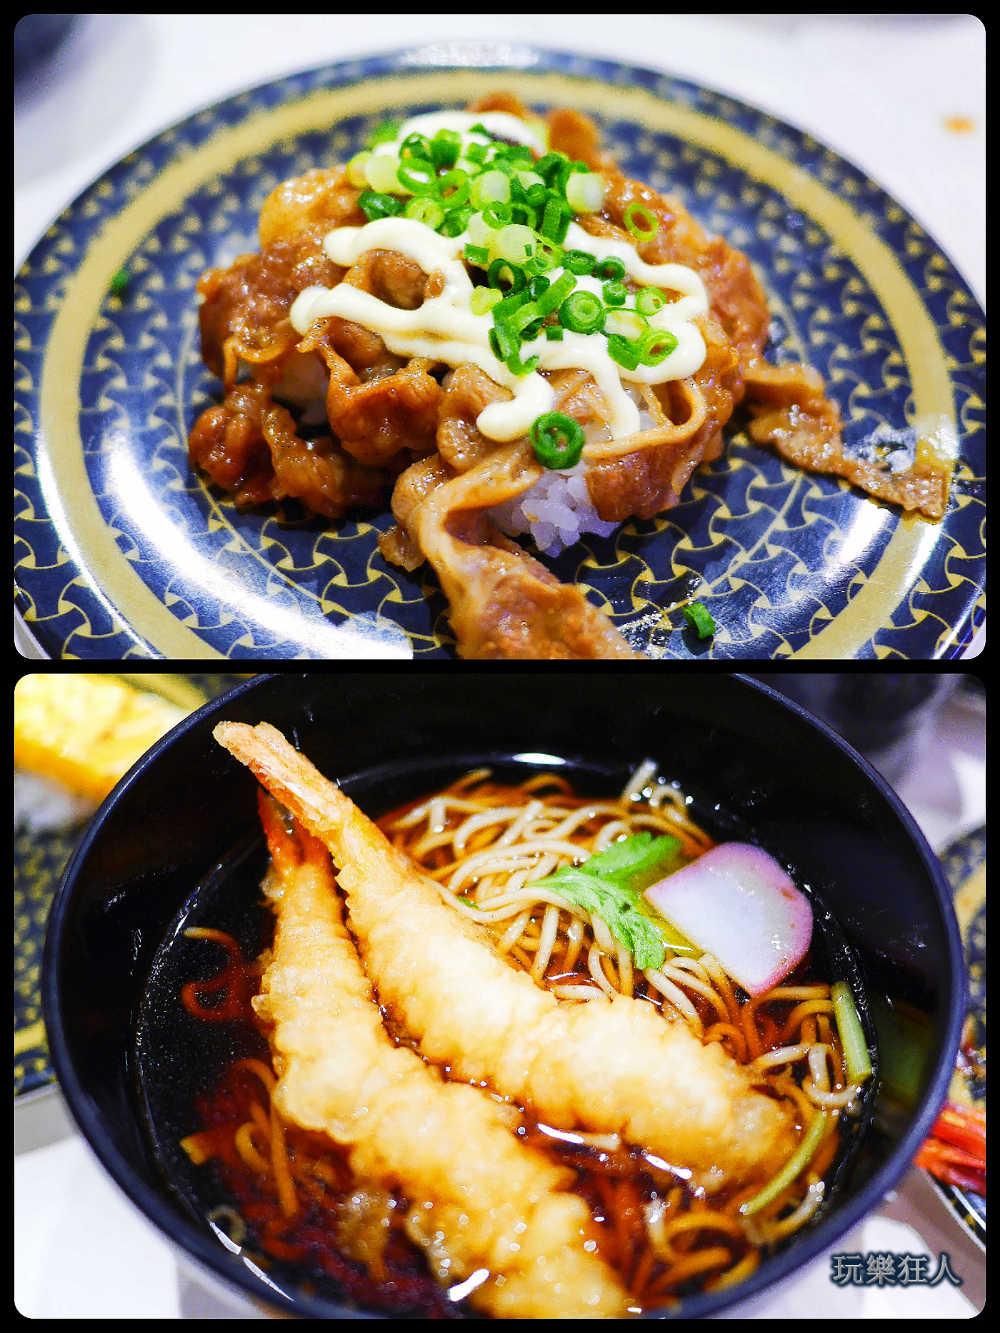 『HAMA壽司』牛肉壽司&炸蝦蕎麥麵